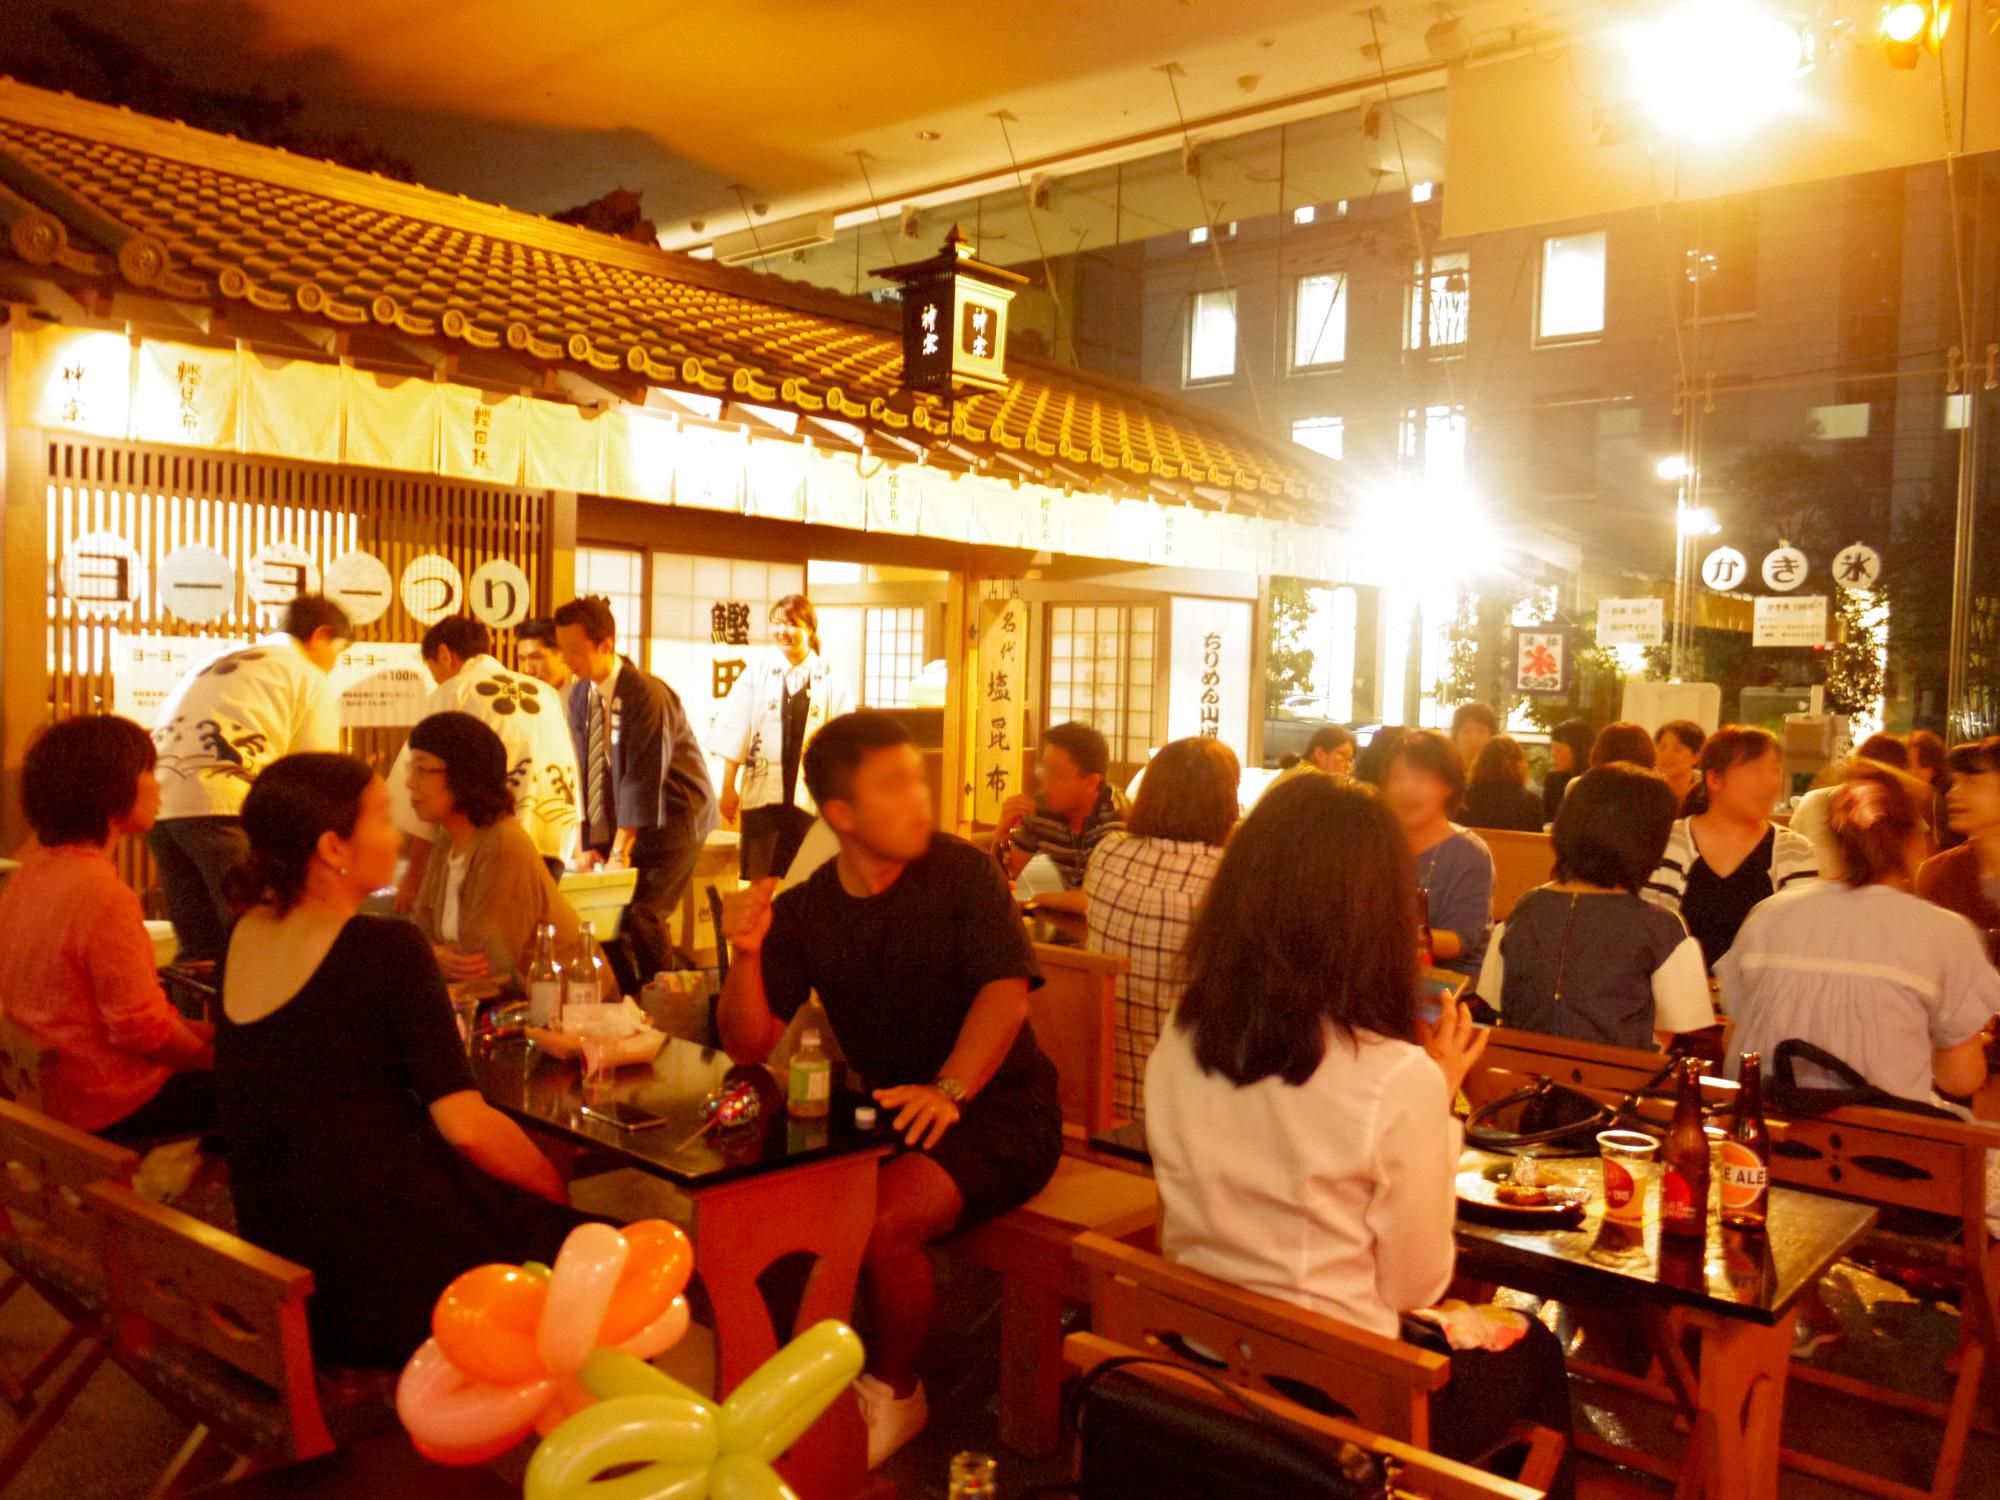 2019年8月28日(水) 神宗×箕面ビール様コラボ夏祭りイベント「手羽先祭」